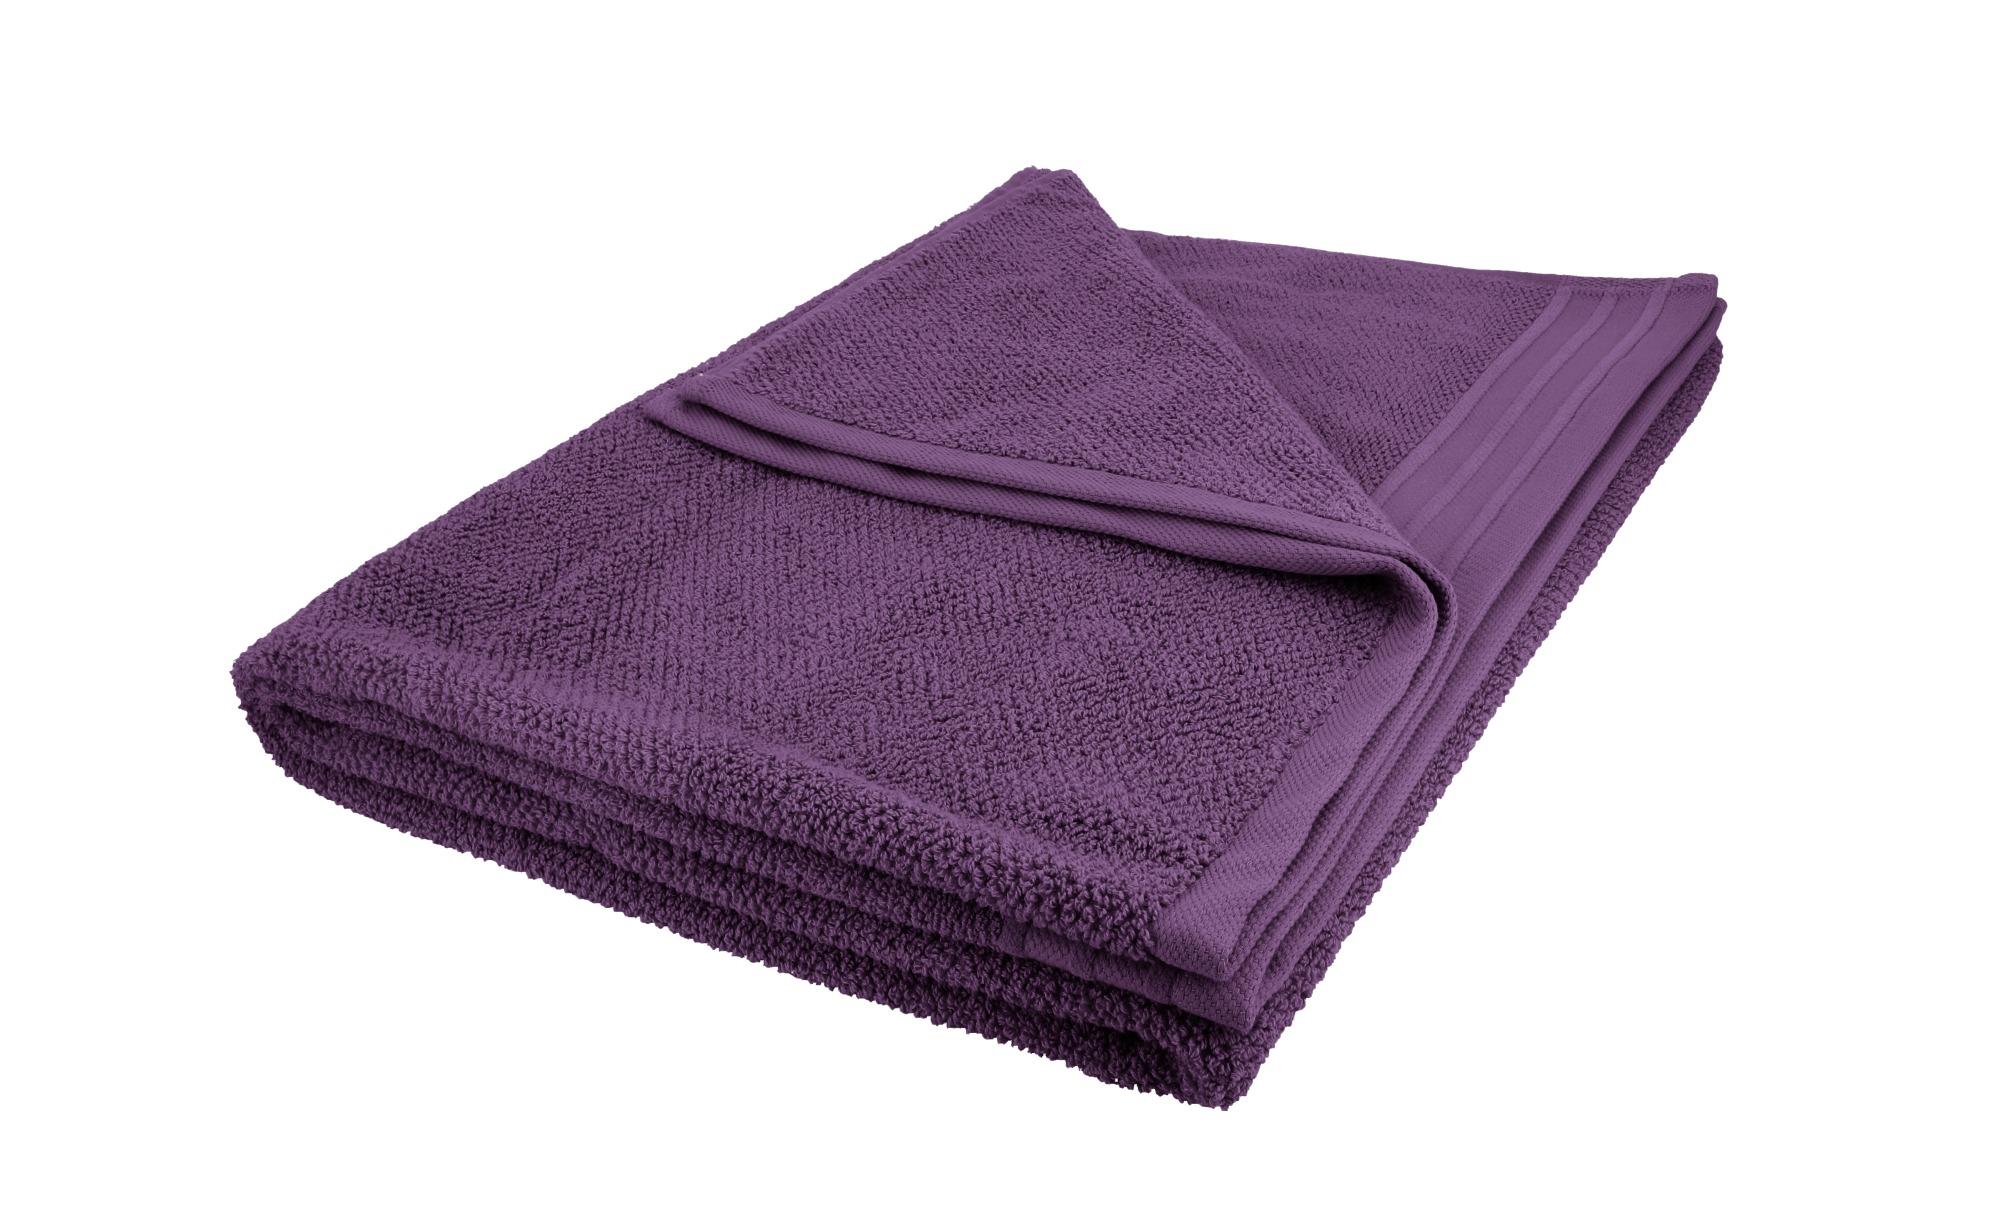 como Badetuch  Spa ¦ lila/violett ¦ reine Baumwolle ¦ Maße (cm): B: 100 Badtextilien und Zubehör > Badetücher > Badetücher 100x150 cm - Höffner